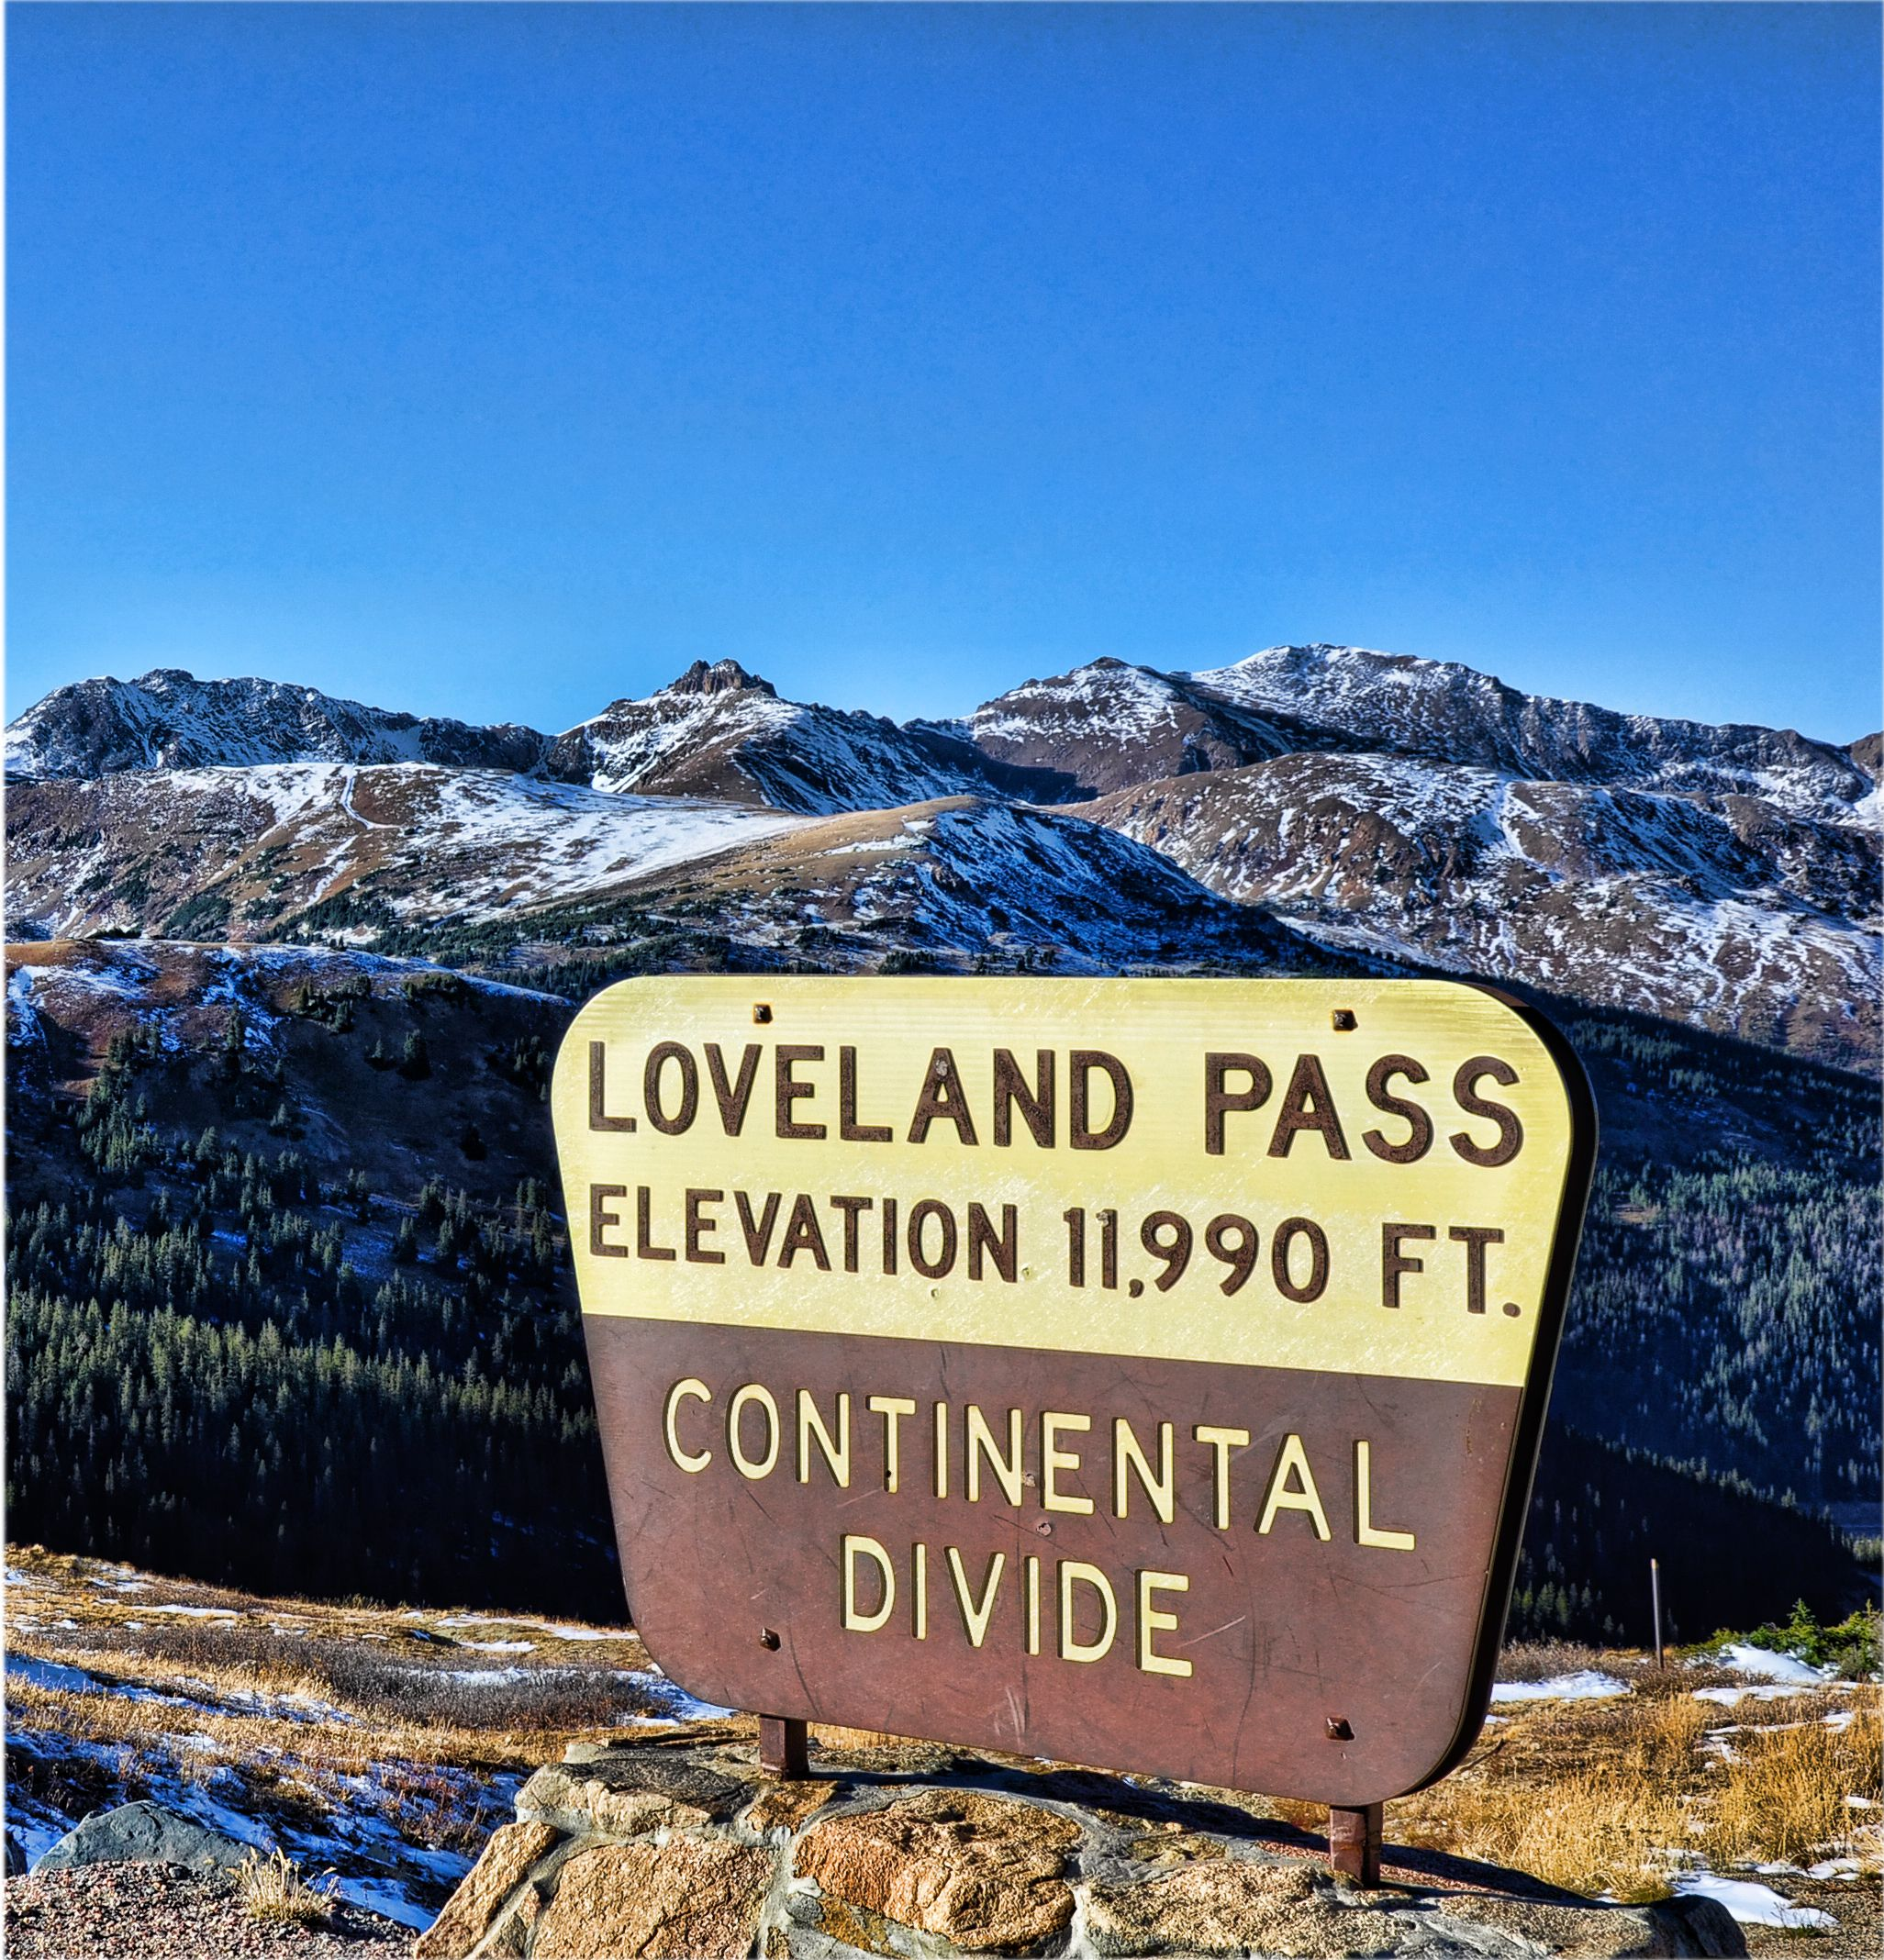 Honeymoon Destinations Rocky Mountains: Rocky Mountain High In Colorado